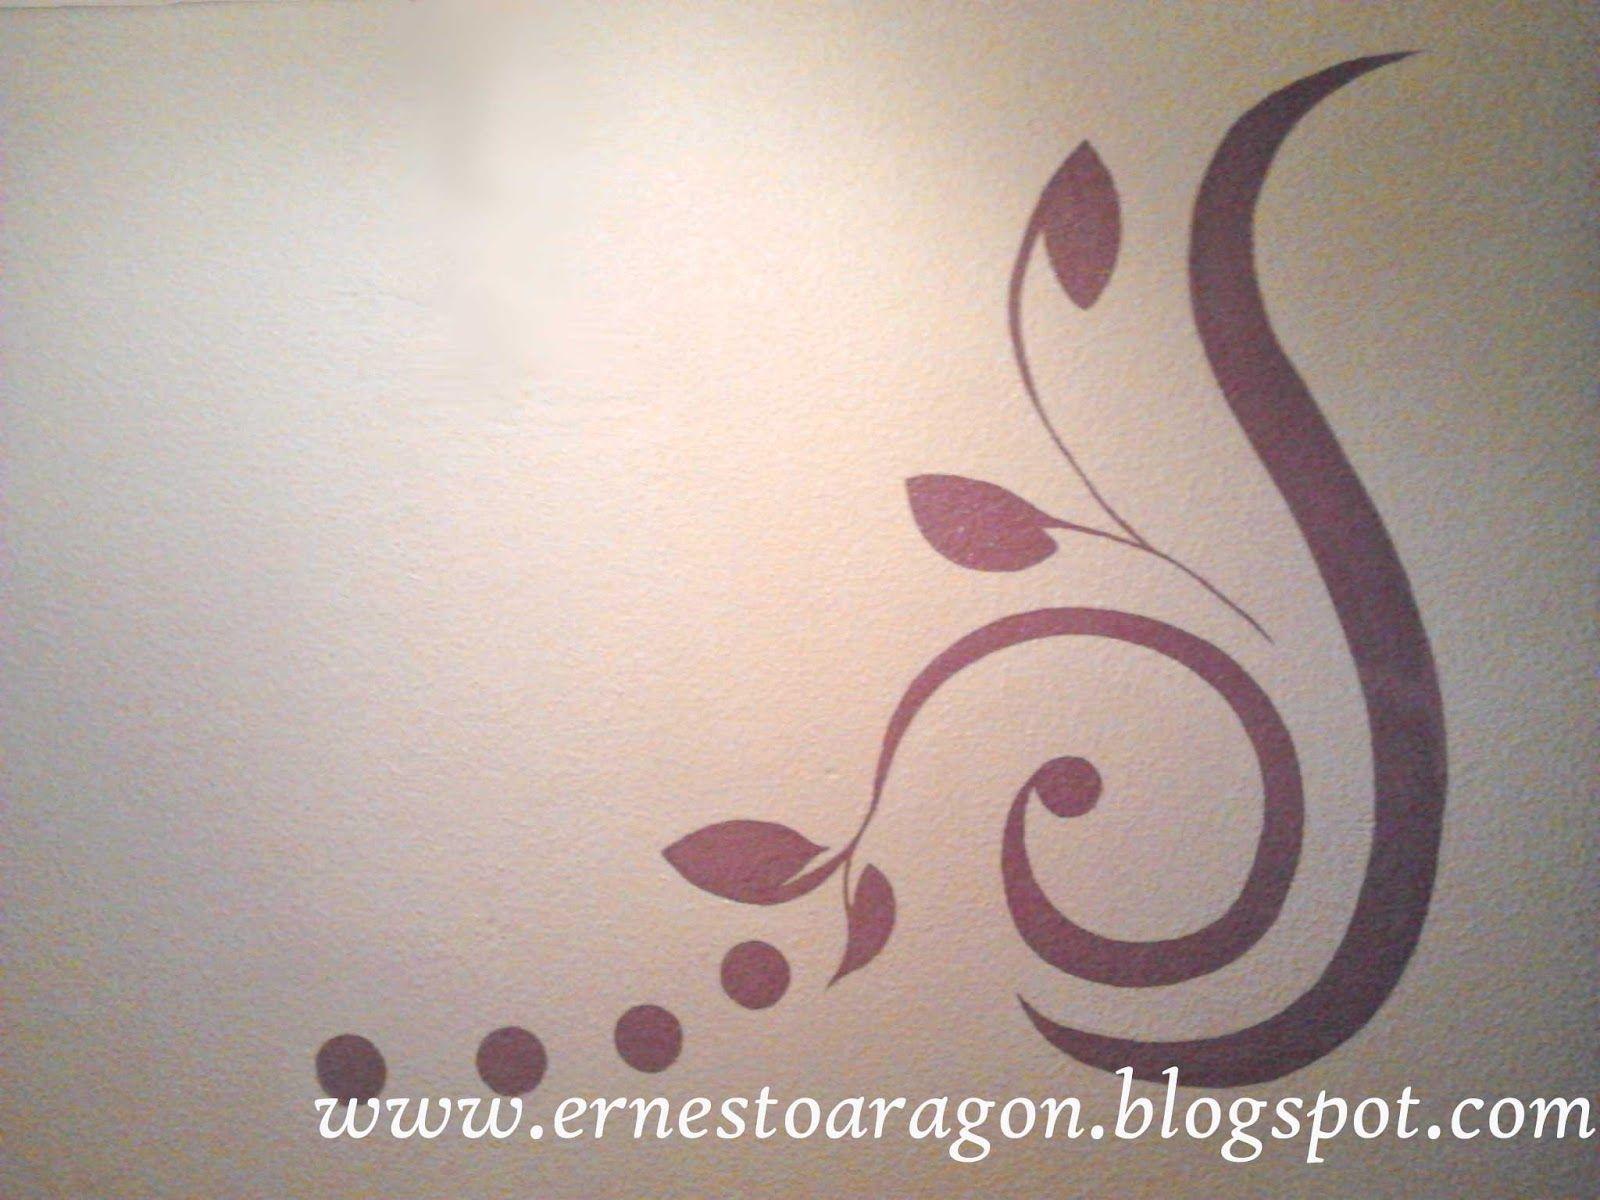 Plantilla de hojas | Ideas para decorar con vinilos y plantillas ...